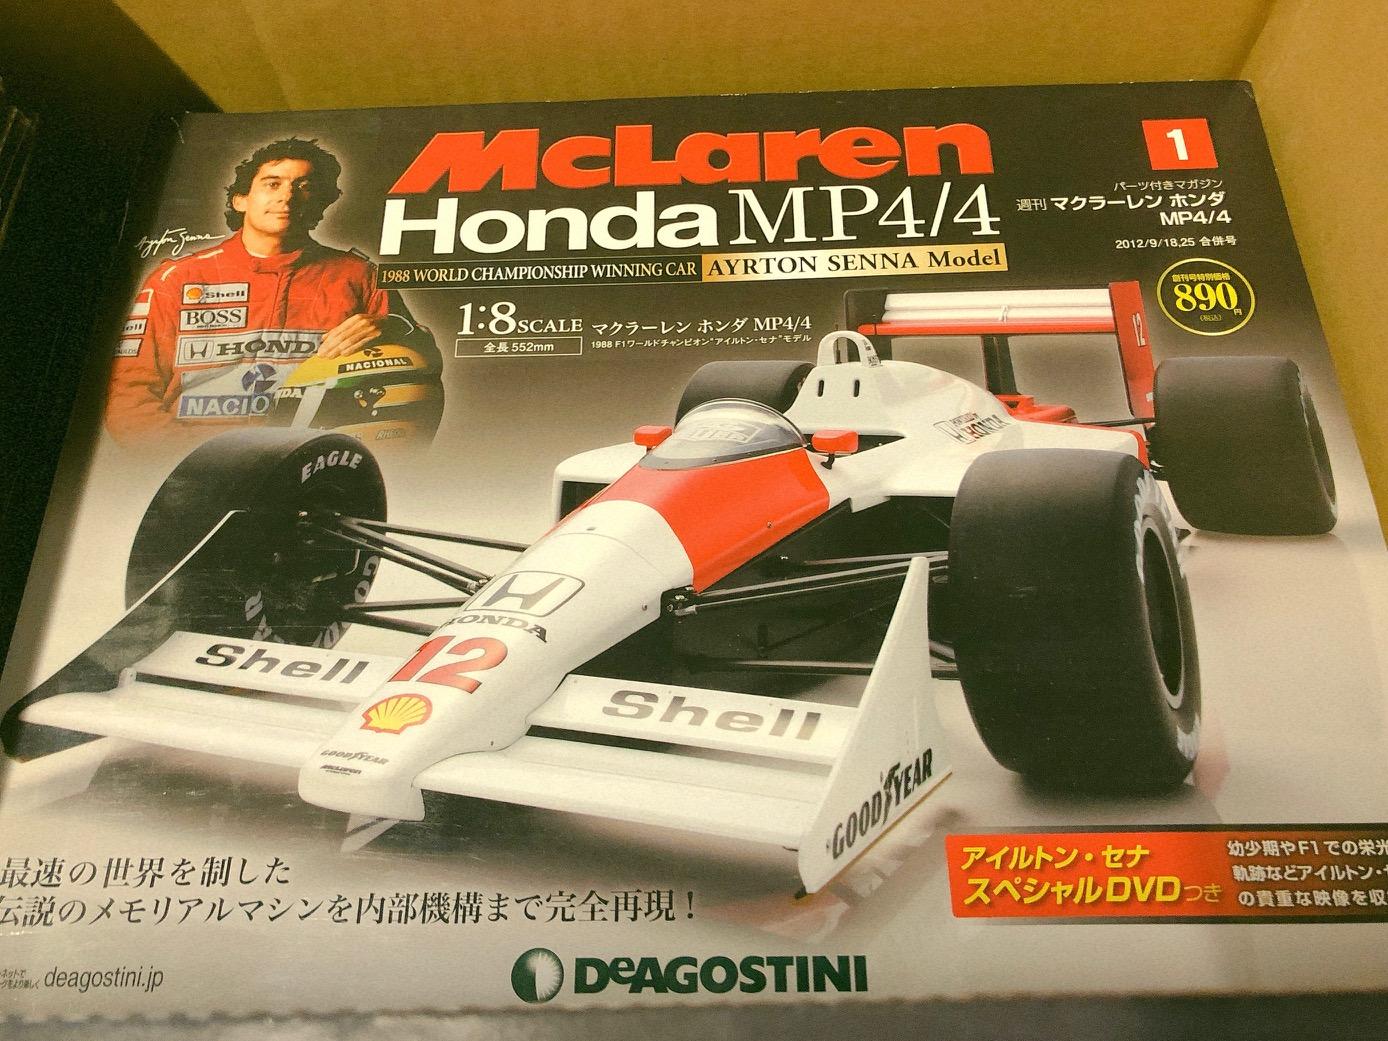 DeAGOSTINI / 週刊 マクラーレン・ホンダ MP4/4 全70巻のコンディションをチェック!